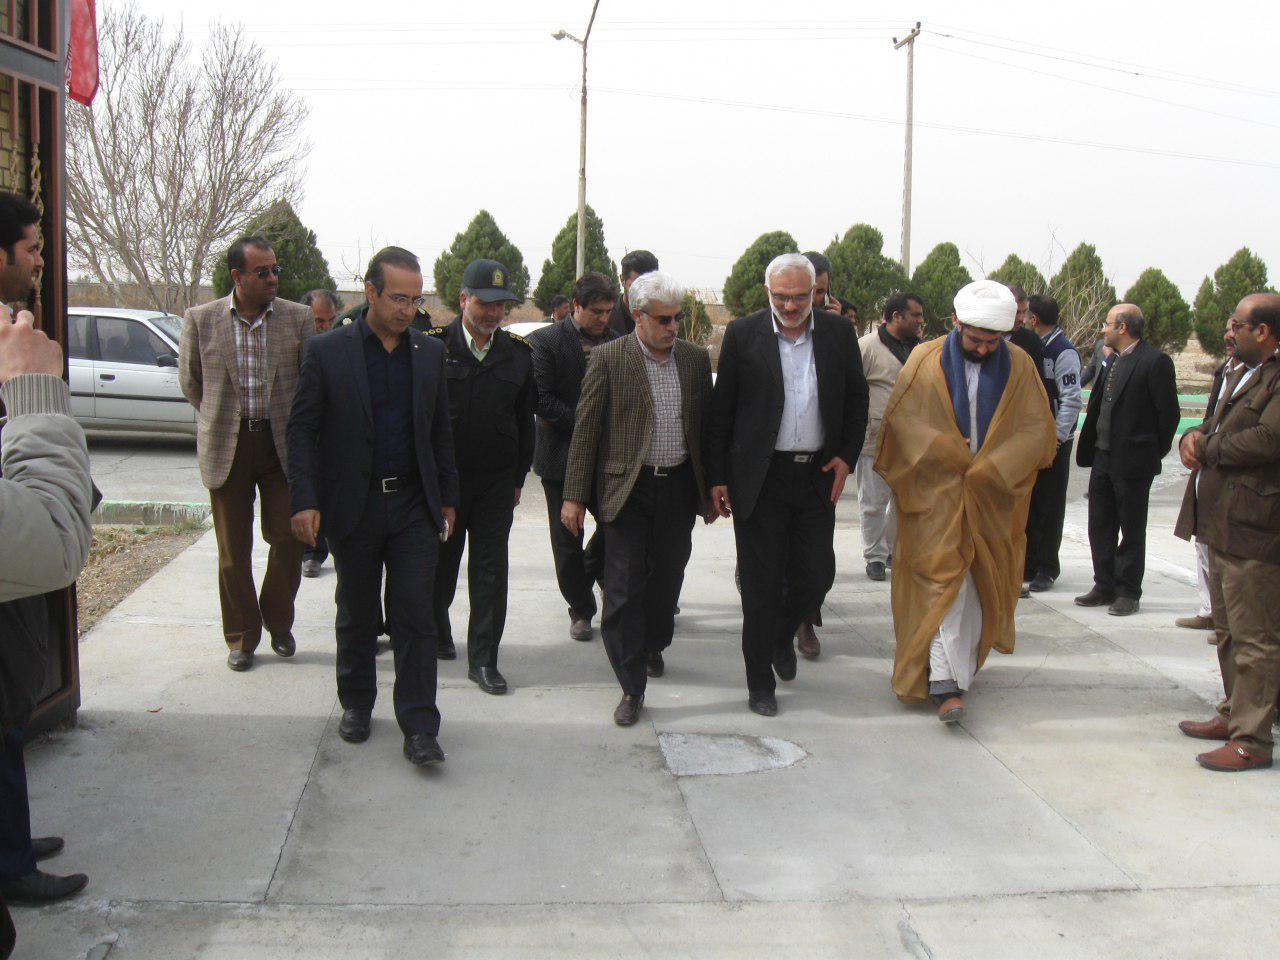 گفتگو با مهندس ناظری فرماندار سابق شهرستان زابل در خصوص فرودگاه و اقدامات صورت گرفته